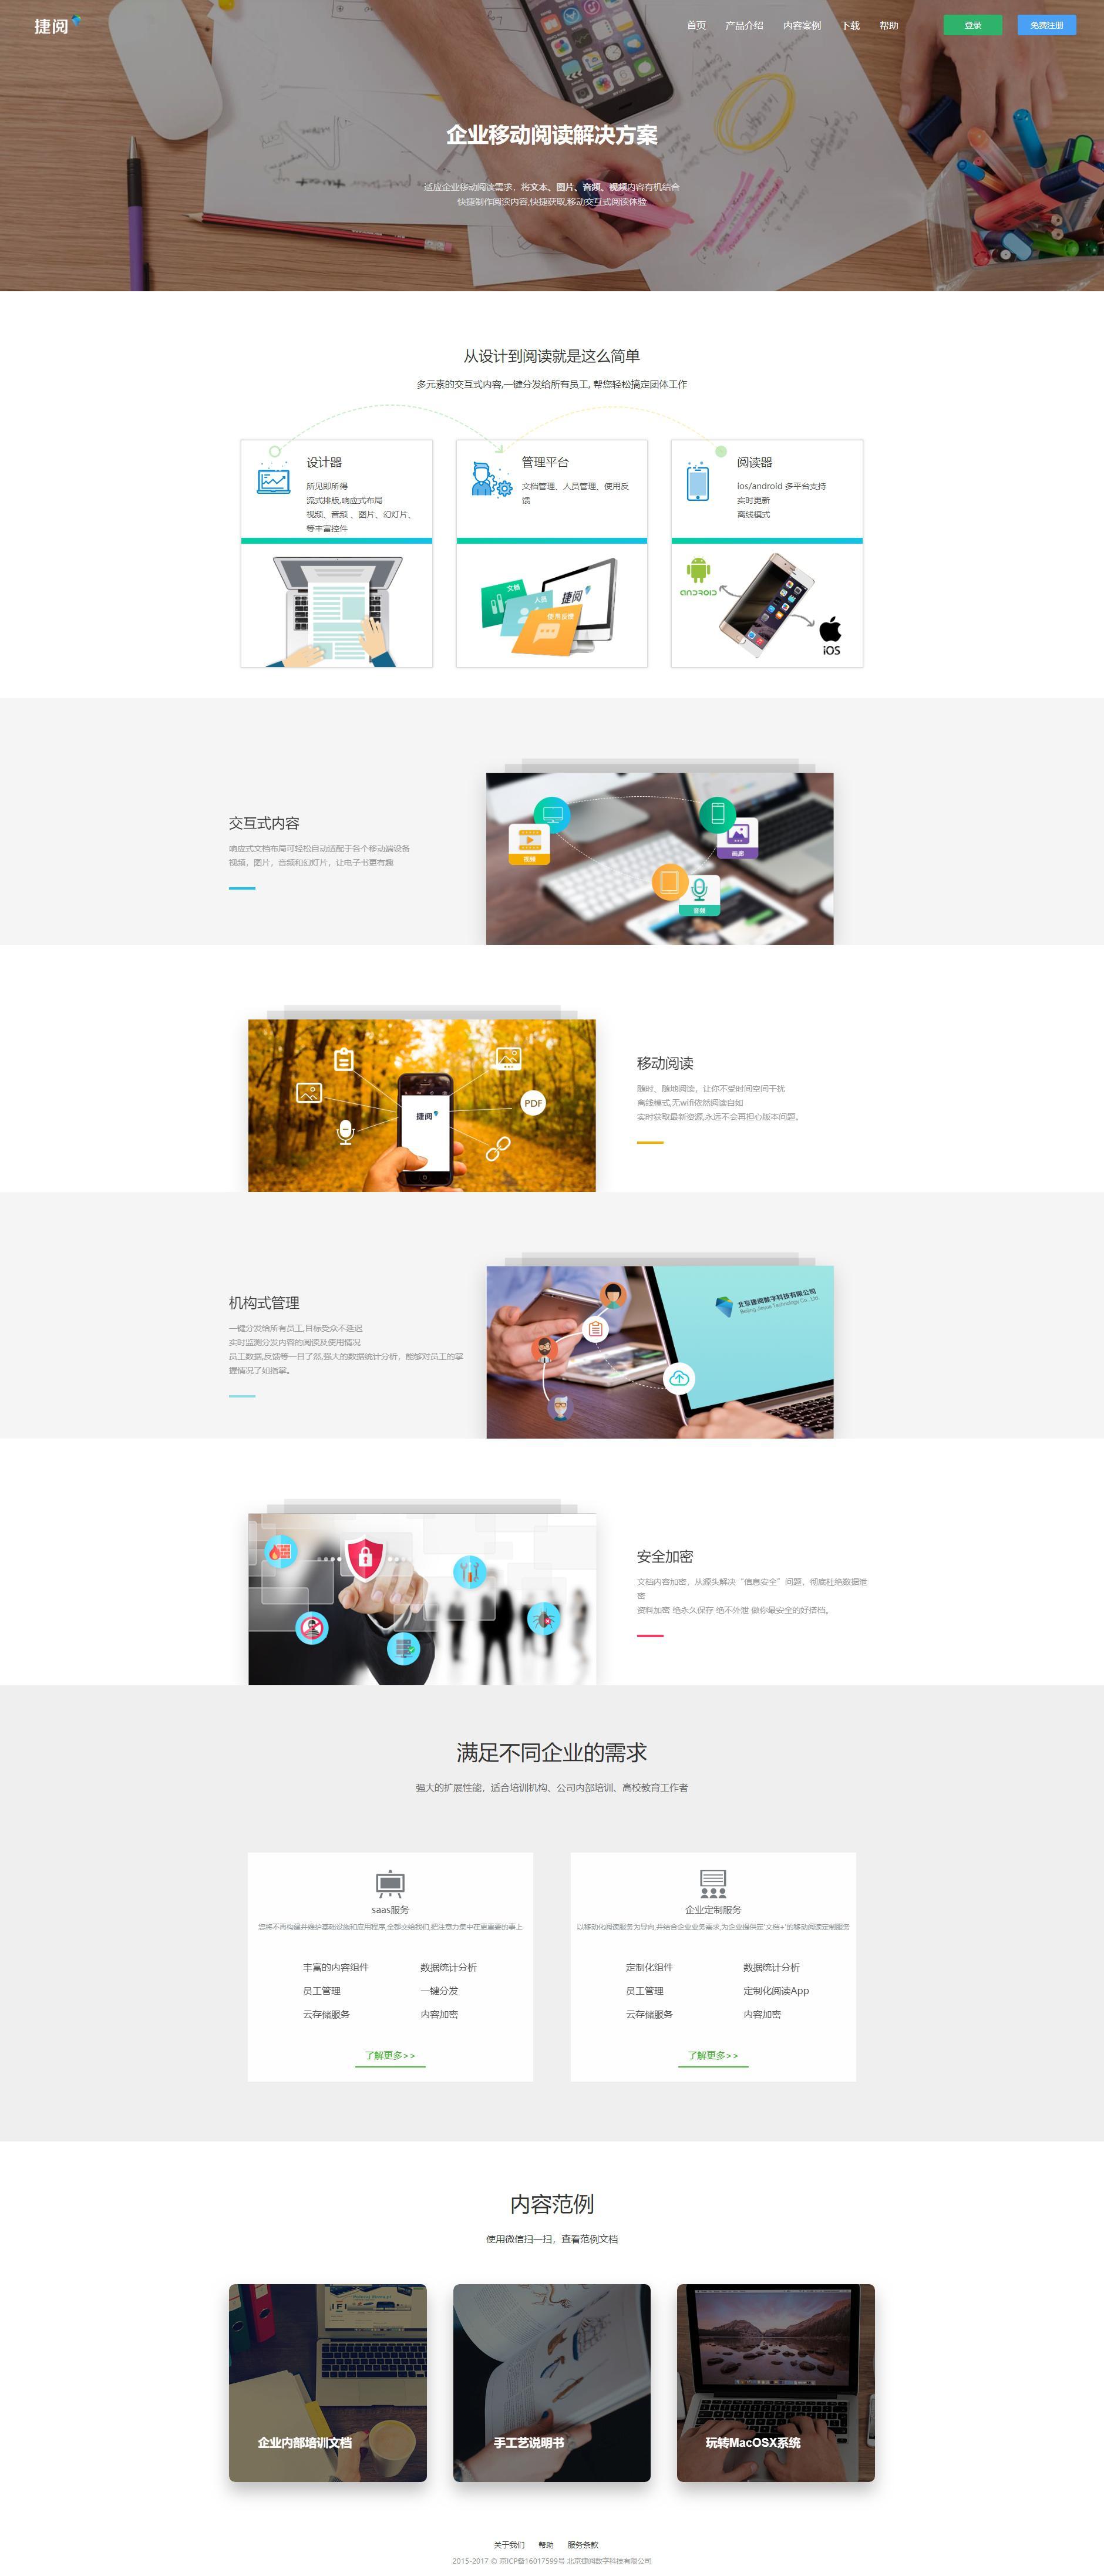 移动阅读产品宣传服务公司网站模板html整站